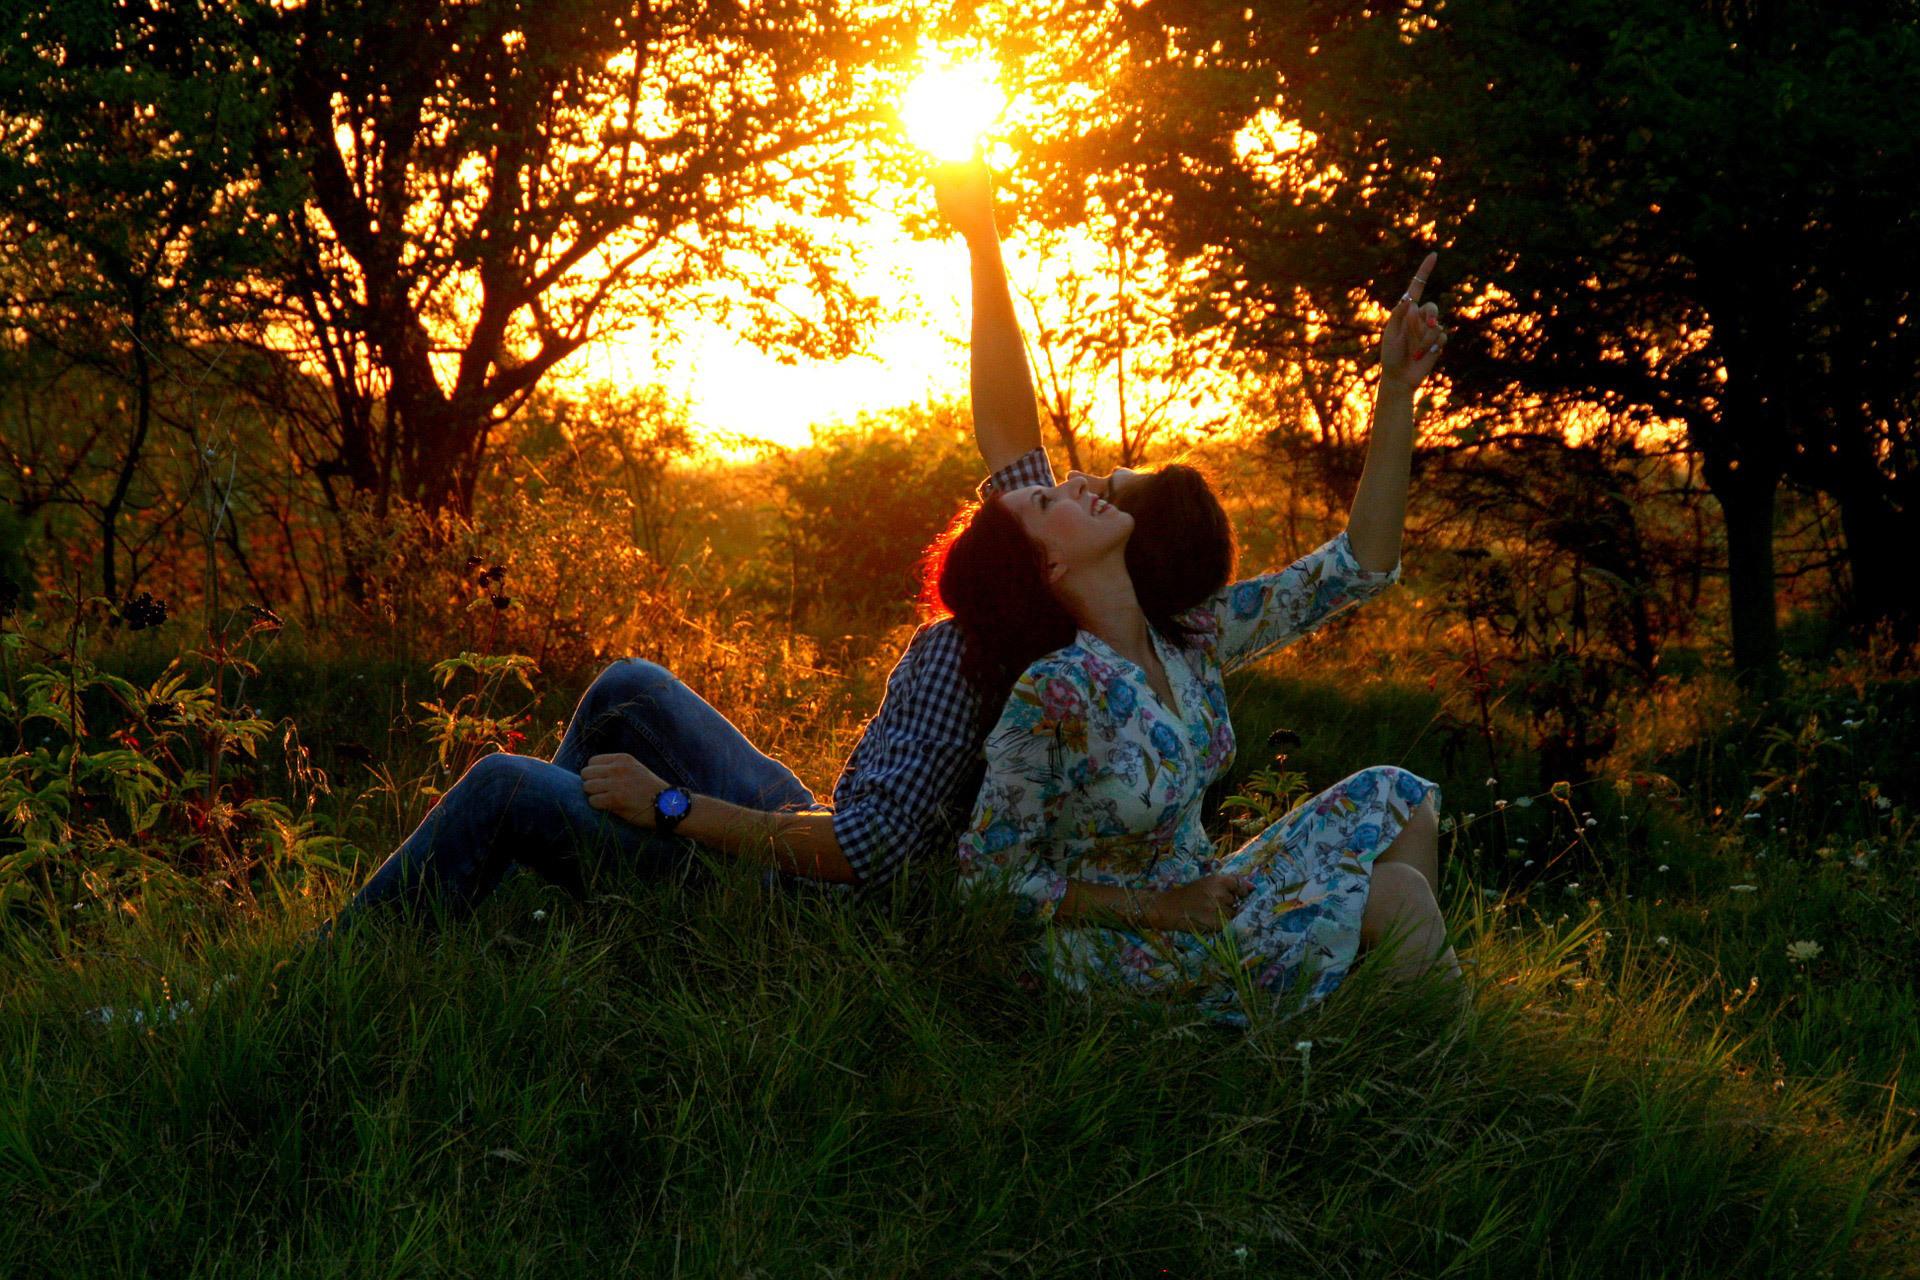 Фото с любимой на природе смотреть фильм